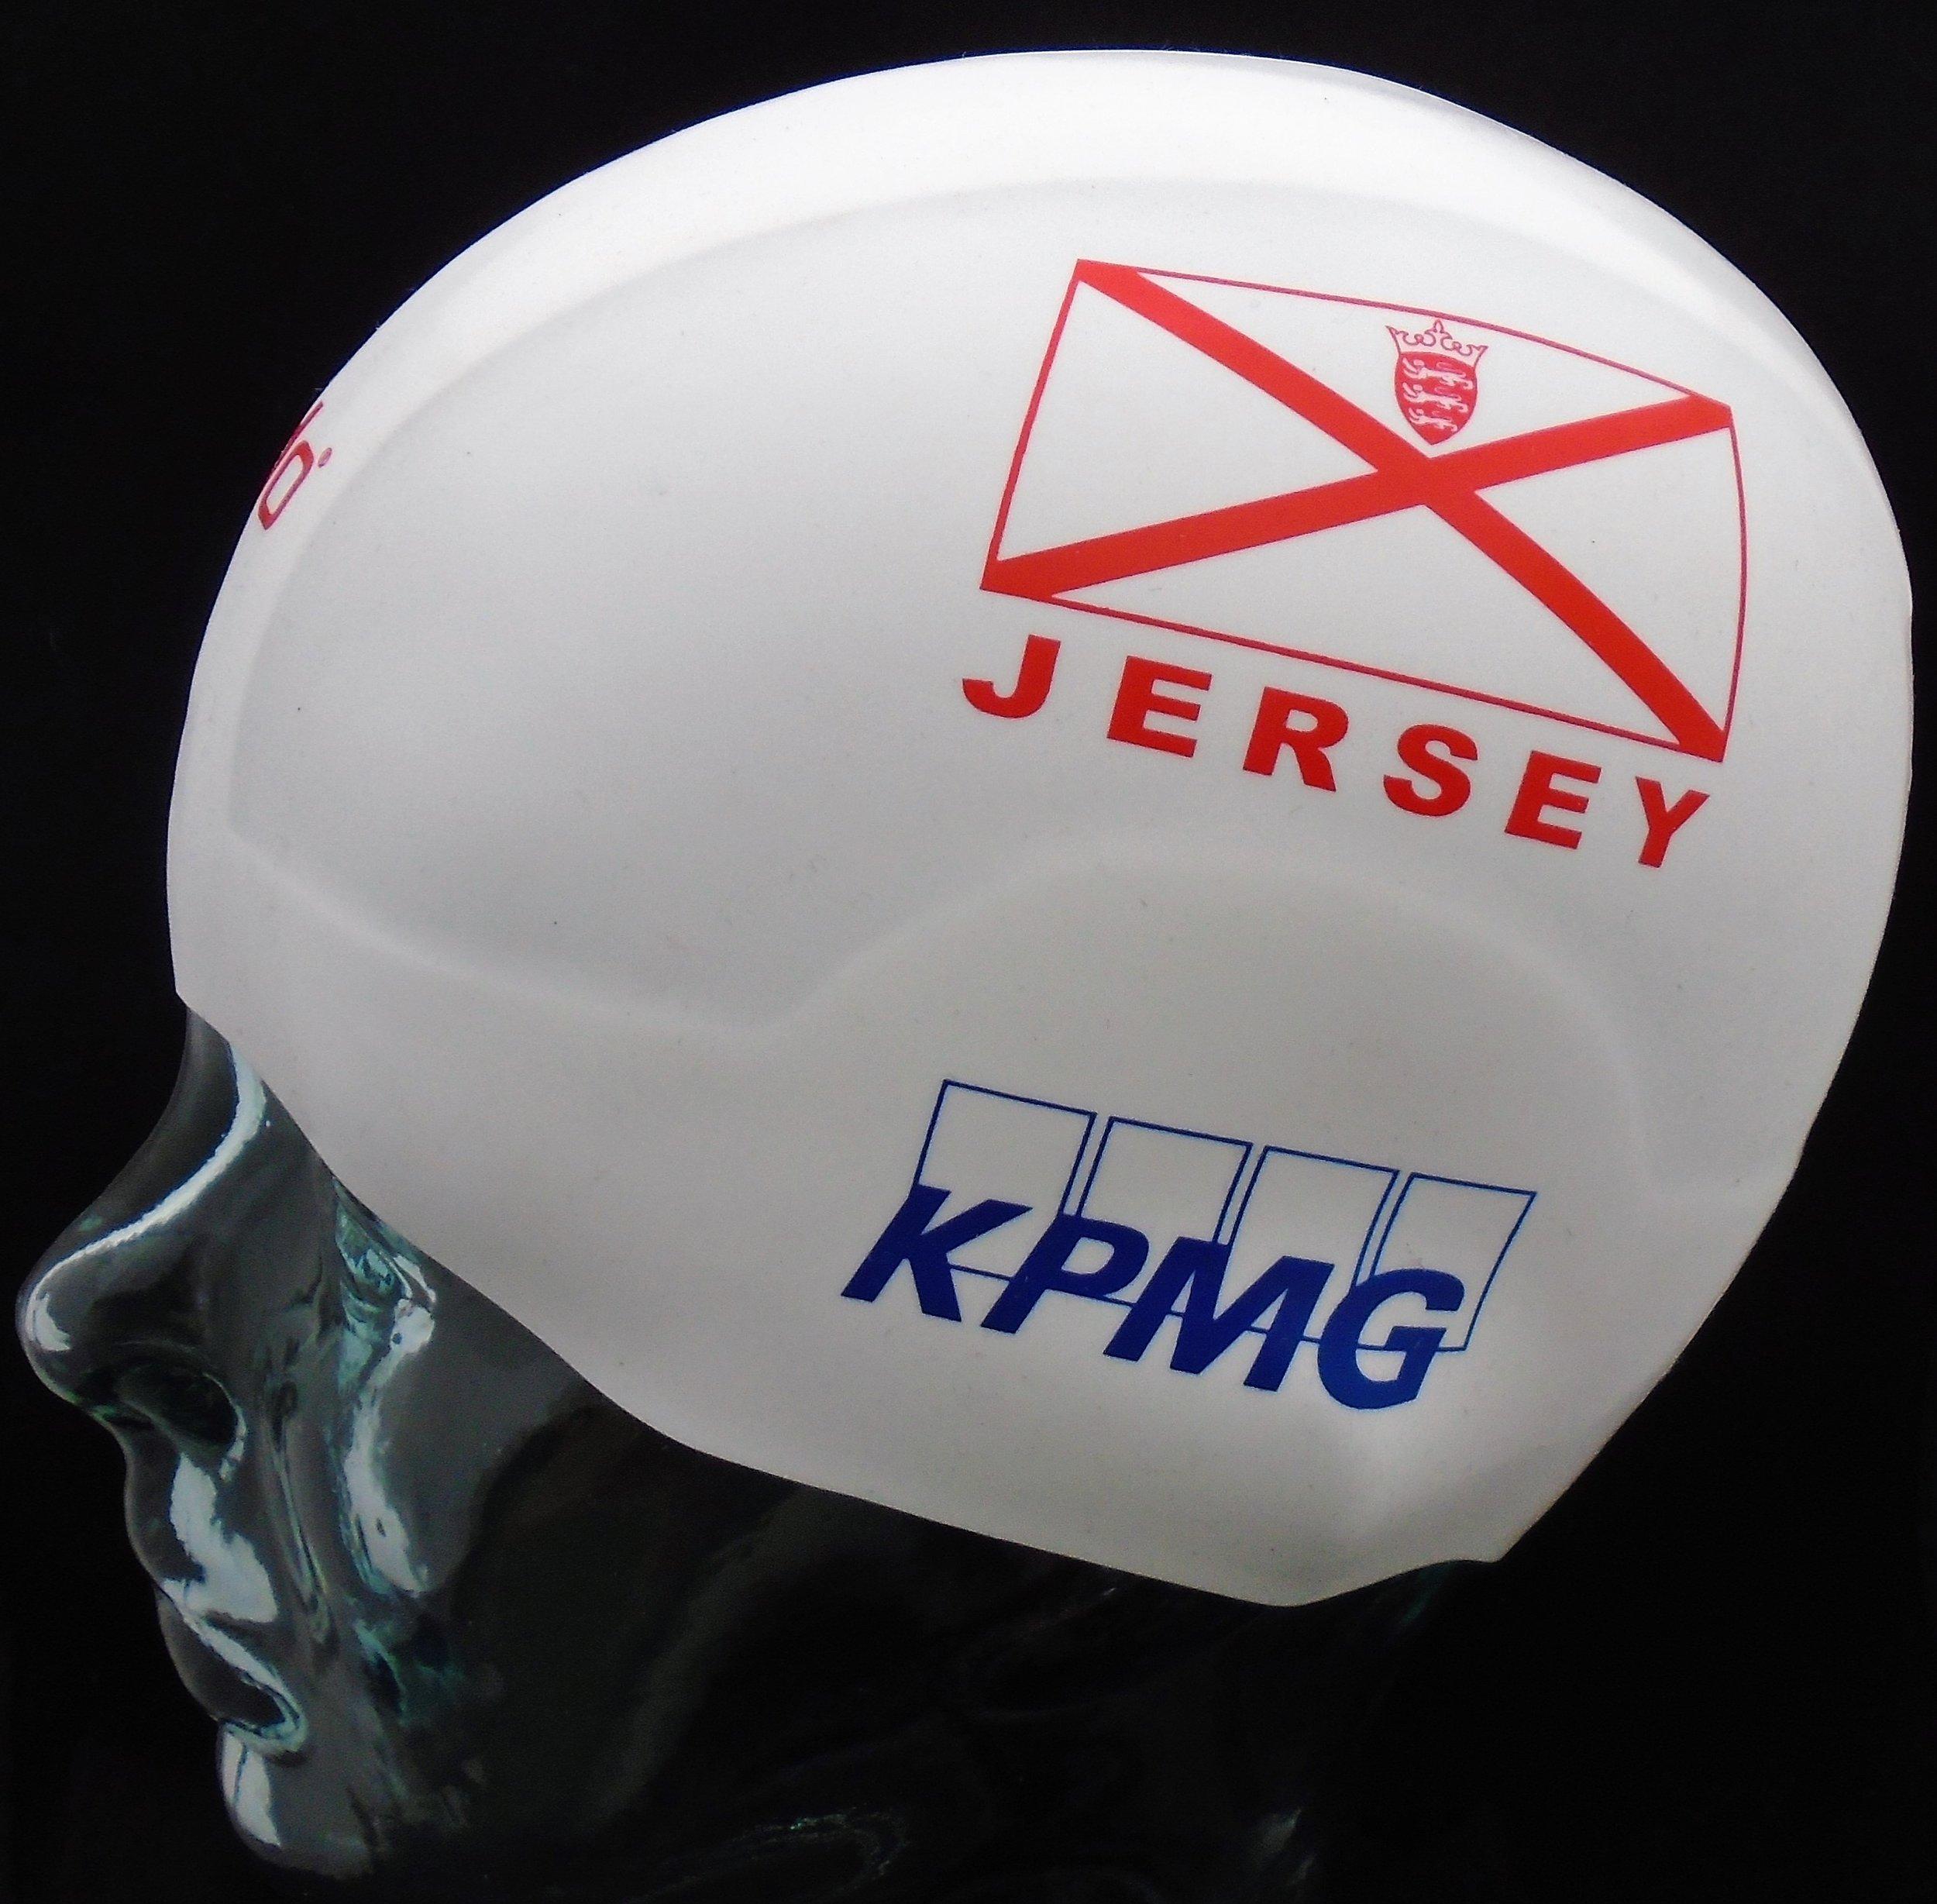 Jersey KPMG Aqua V.jpg